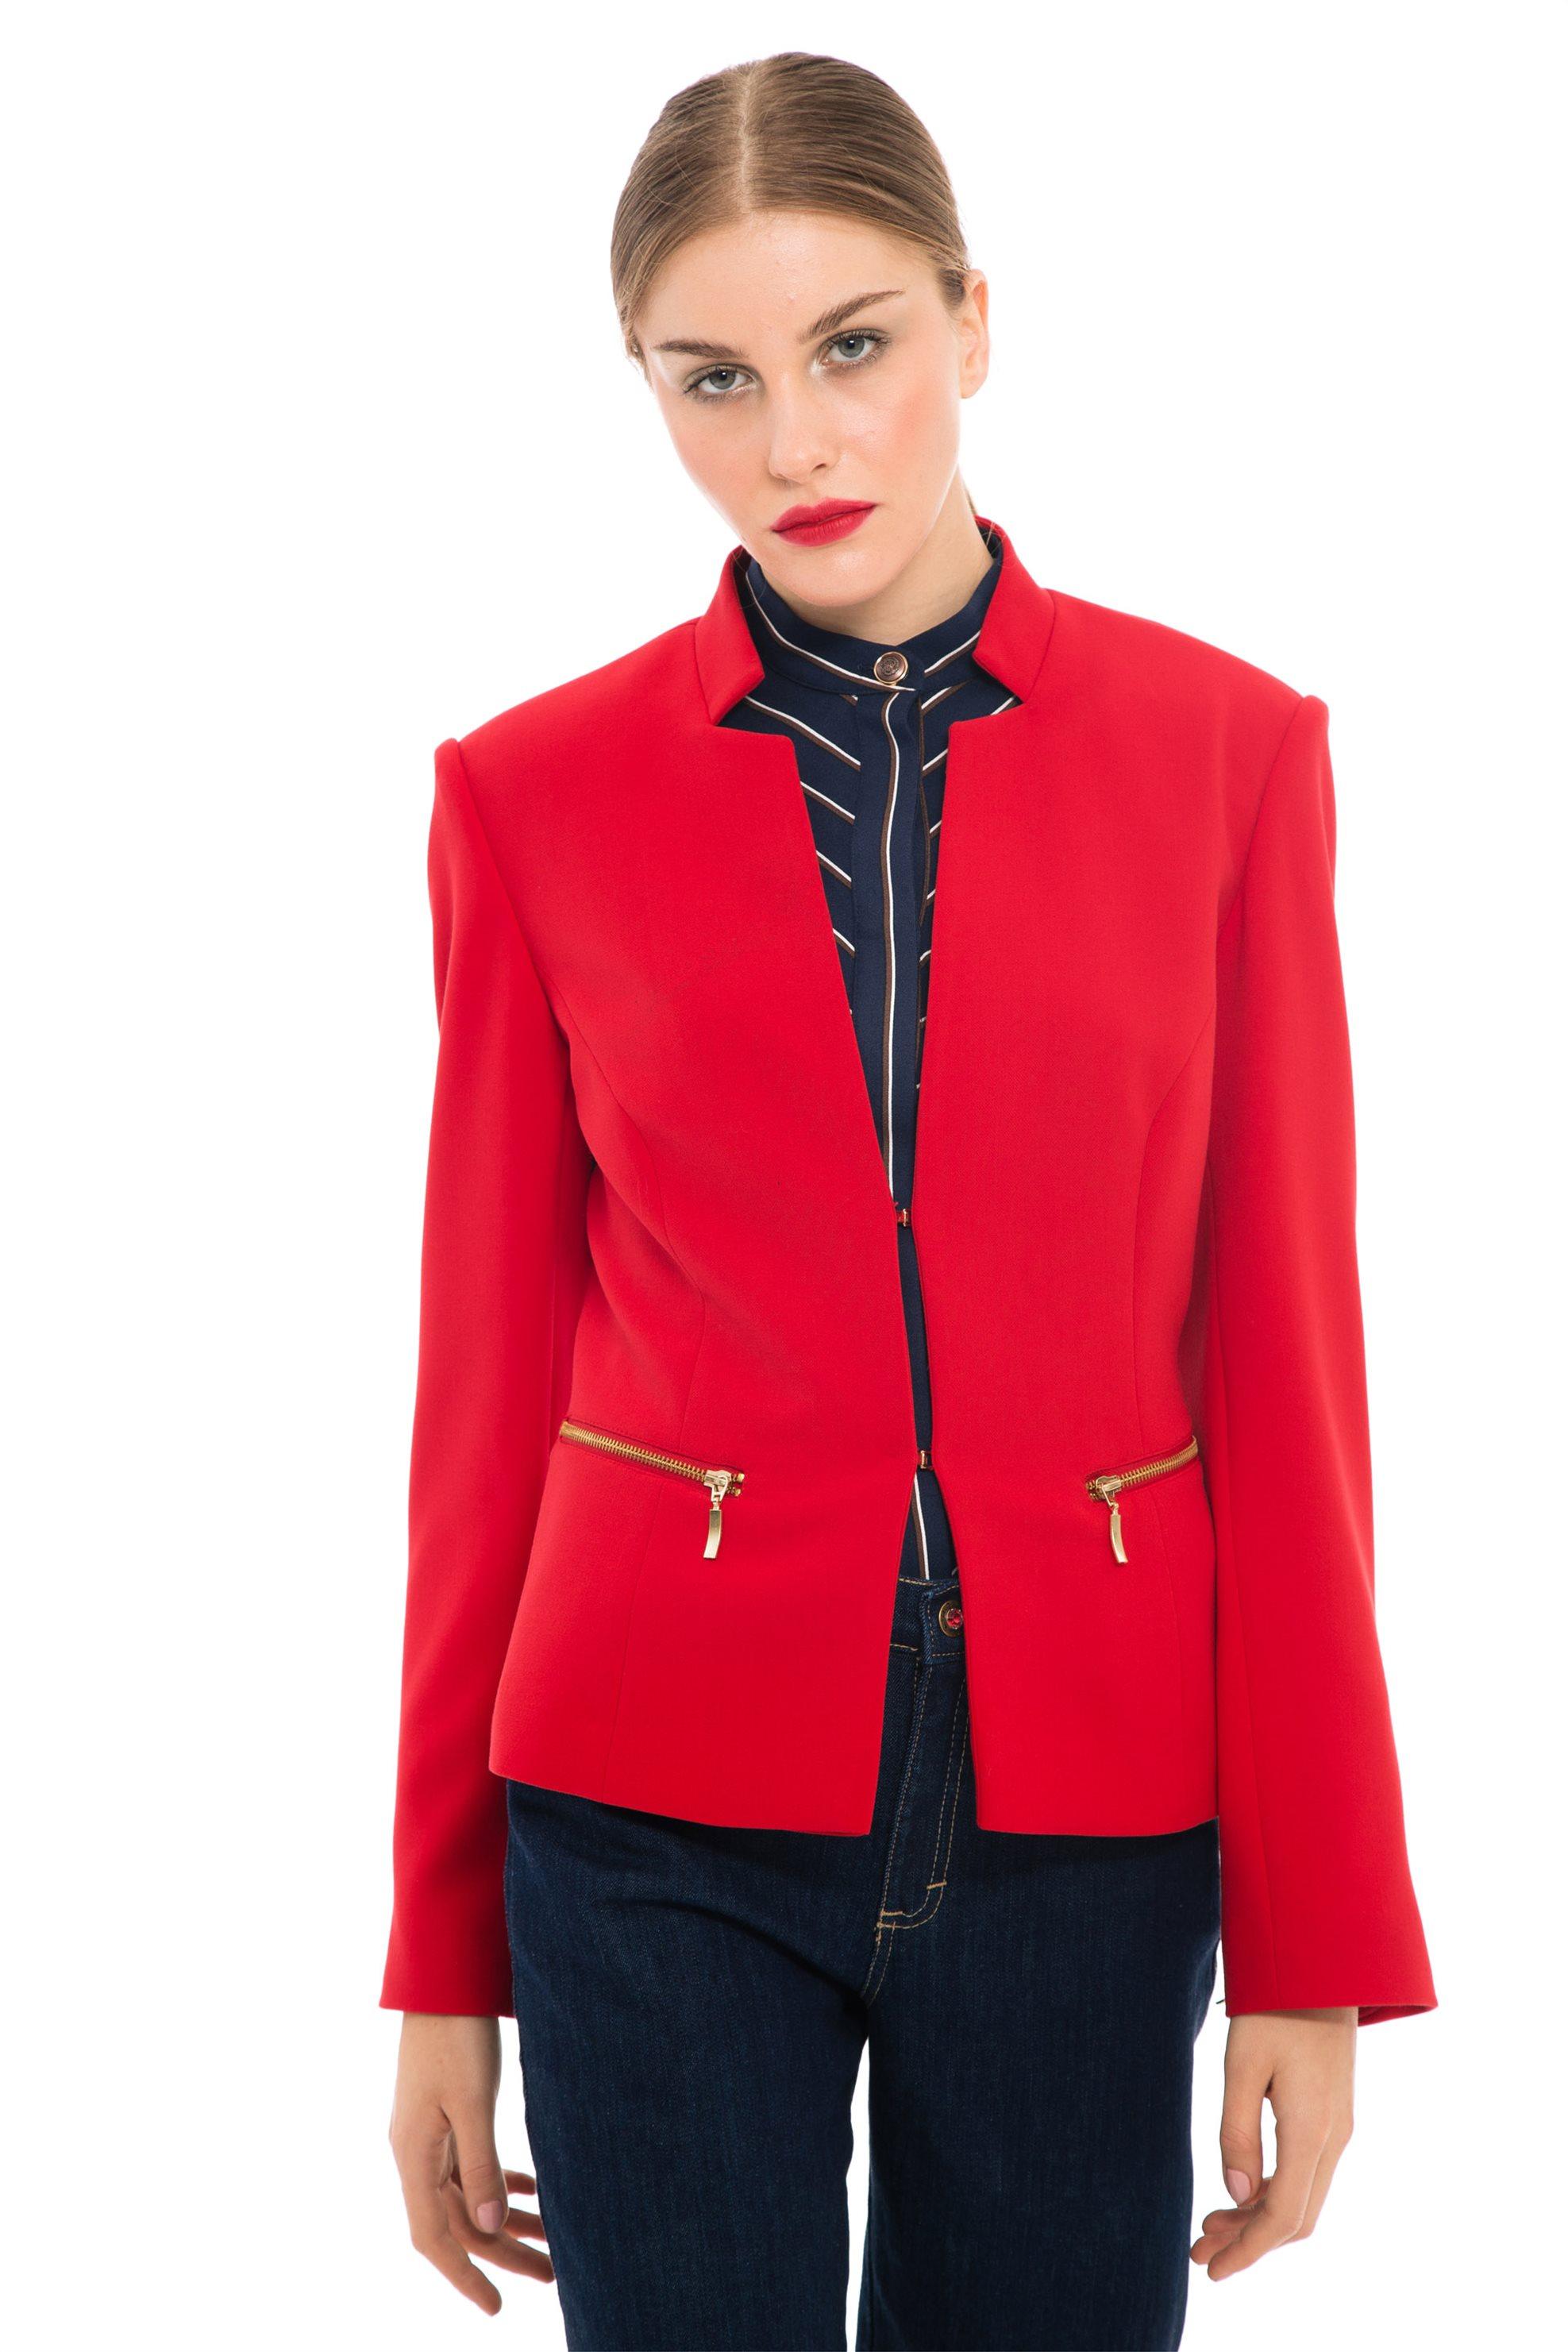 Lucifair γυναικείo σακάκι με ανάποδο πέτο και χρυσά φερμουάρ - 41237 - Κόκκινο γυναικα   ρουχα   πανωφόρια   μπουφάν   σακάκια   σακάκια